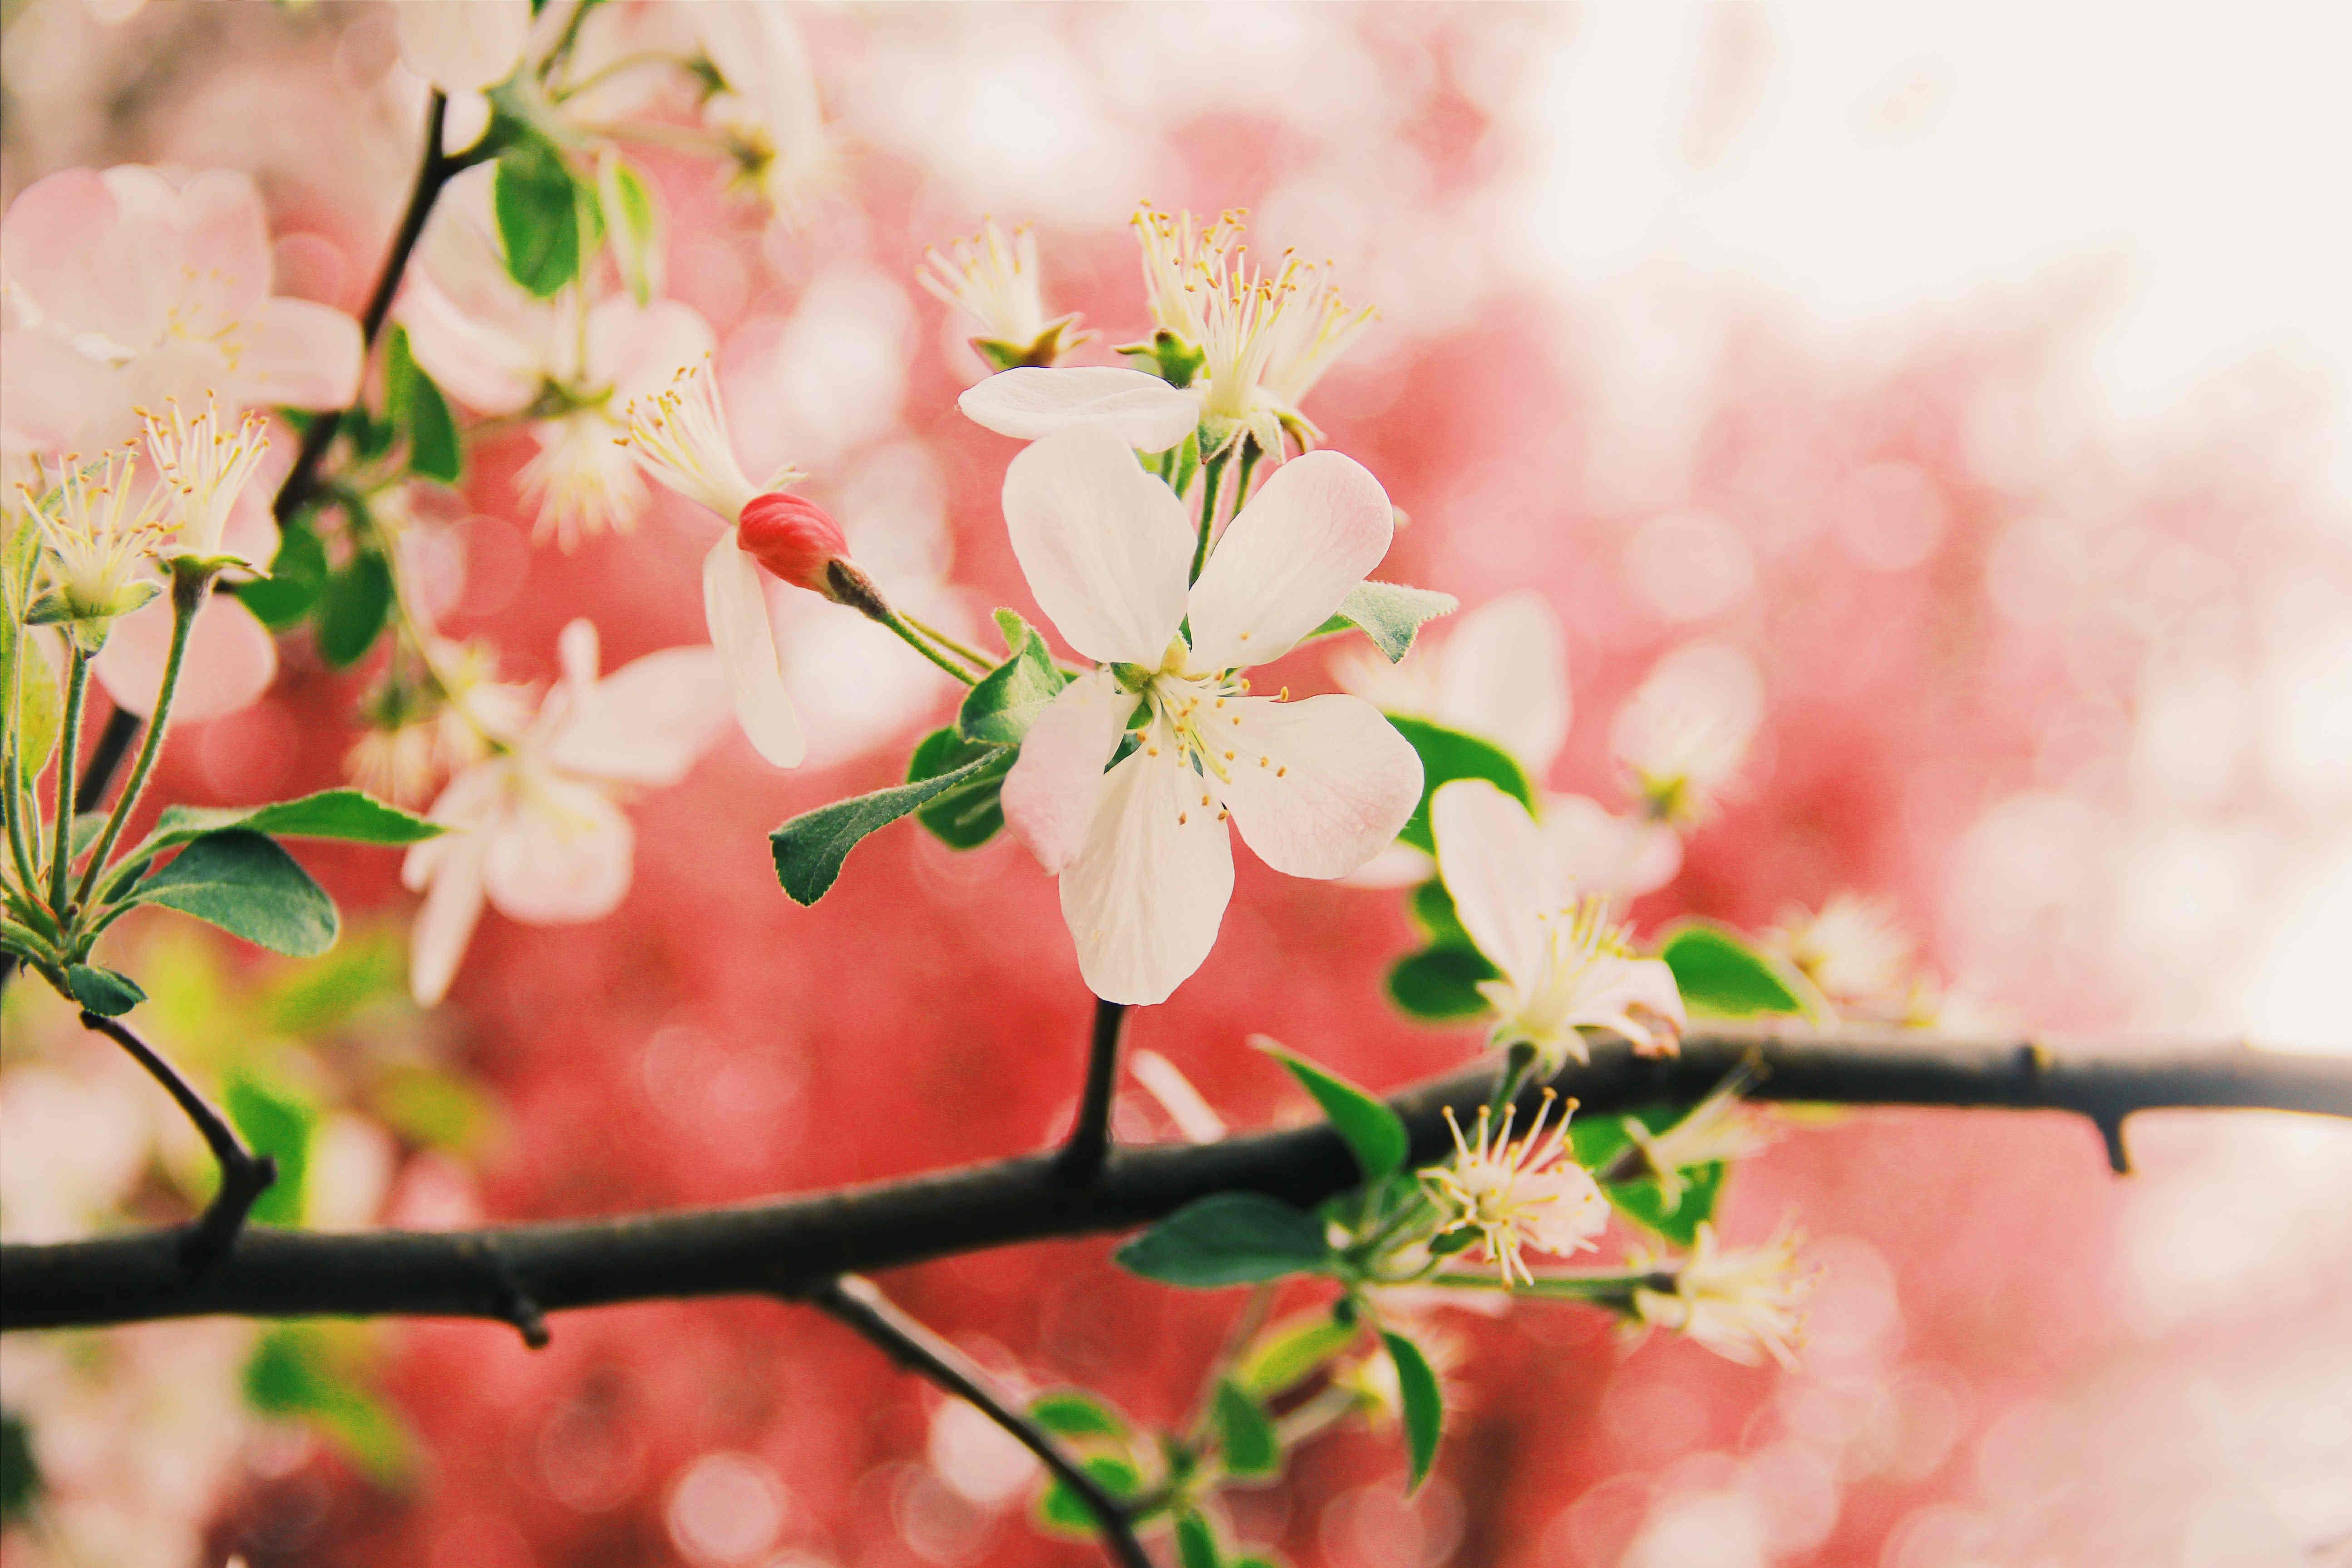 爱,是一件非专业的事情,不是本事,不是能力,是花木那样的生长,有一份对光阴和季节的钟情和执着。一定要,爱着点什么,它让我们变得坚韧,宽容,充盈。业余的,爱着。